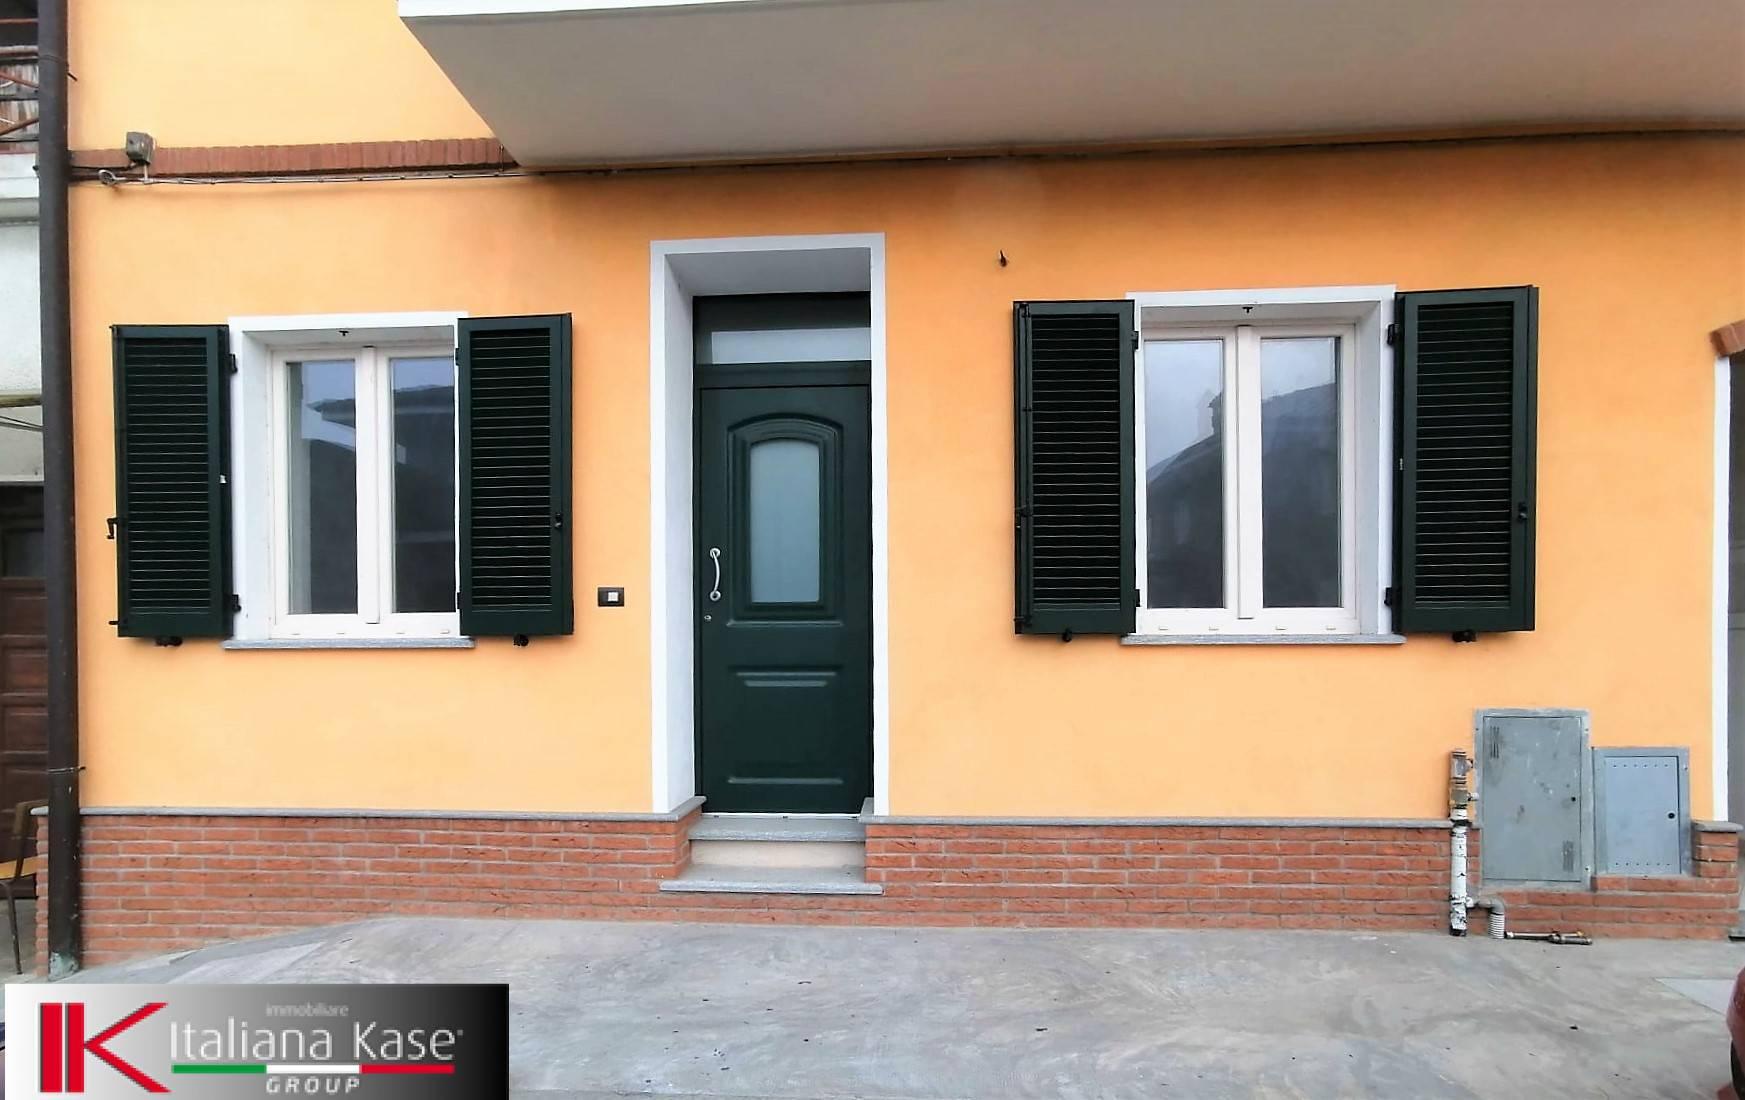 Appartamento in vendita a San Giusto Canavese, 3 locali, prezzo € 115.000 | PortaleAgenzieImmobiliari.it